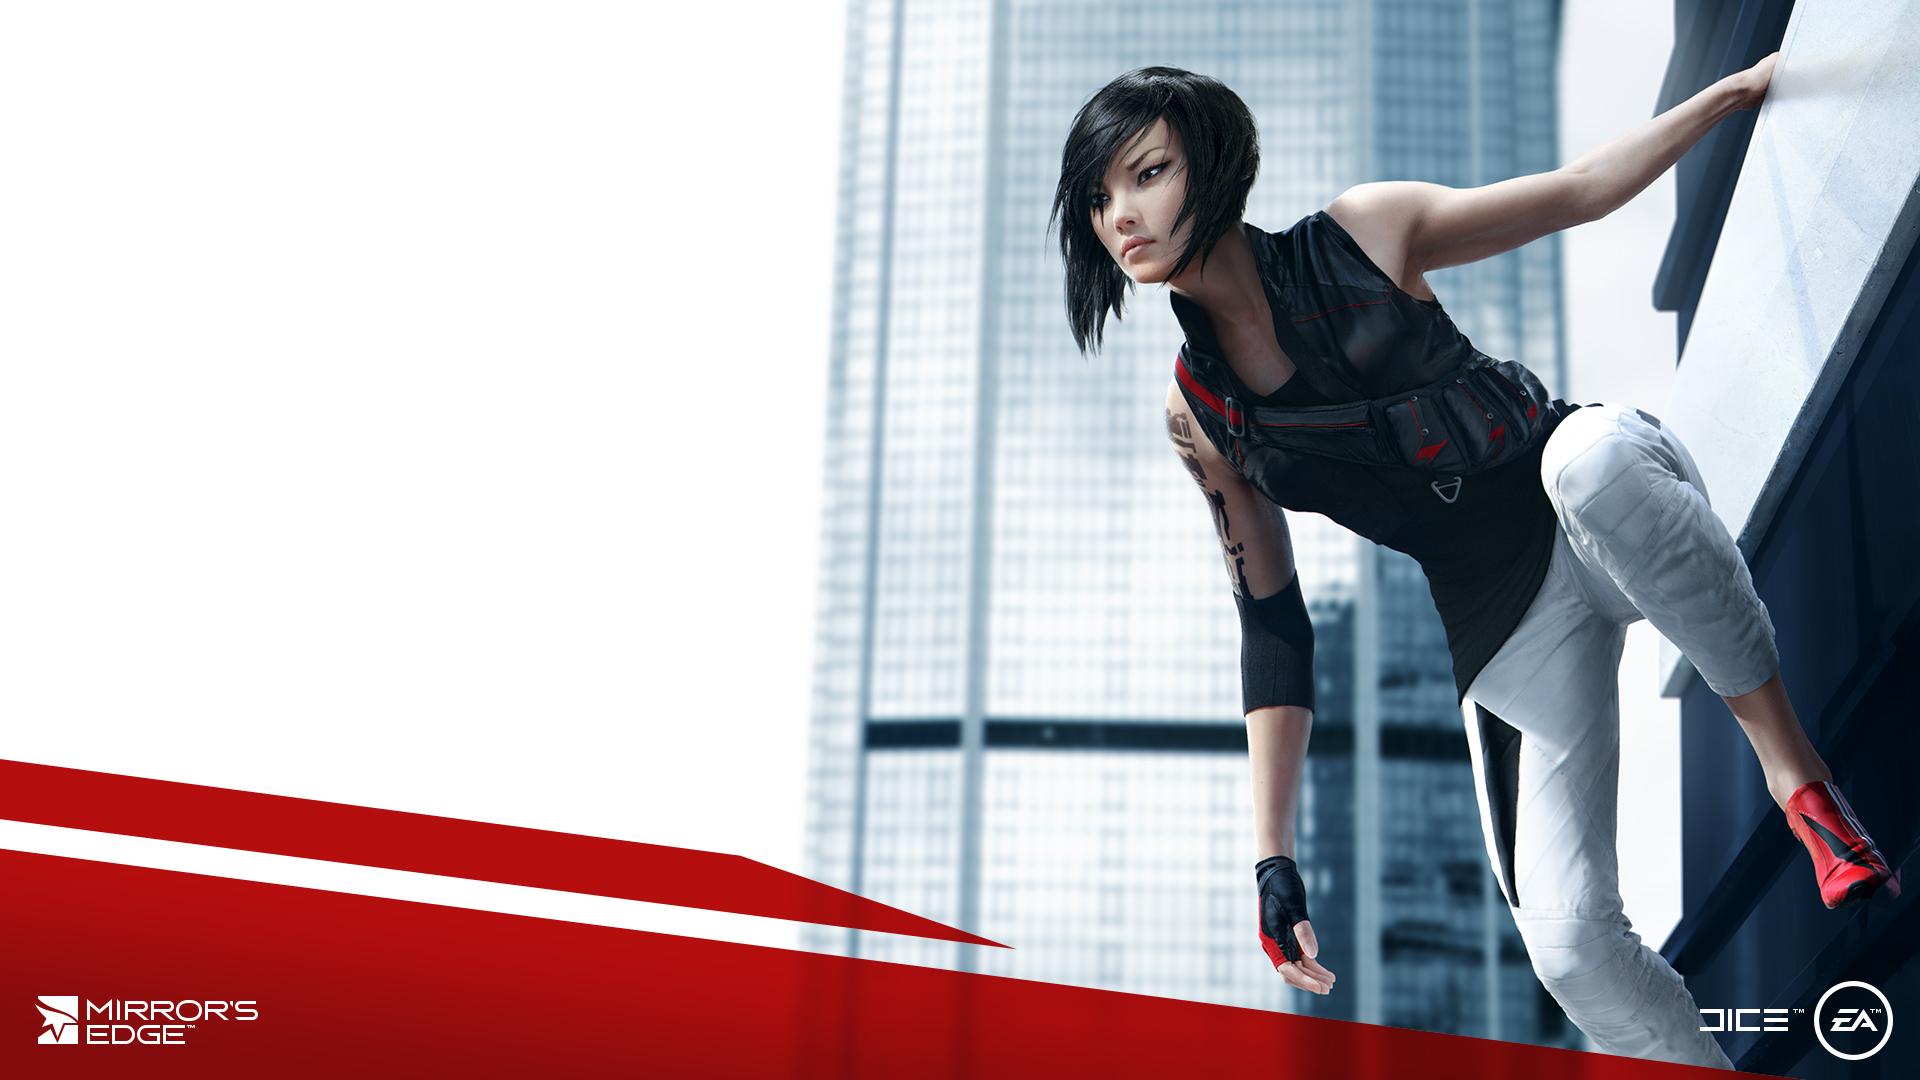 Mirror's Edge 2 tendrá un mundo abierto [anuncios]